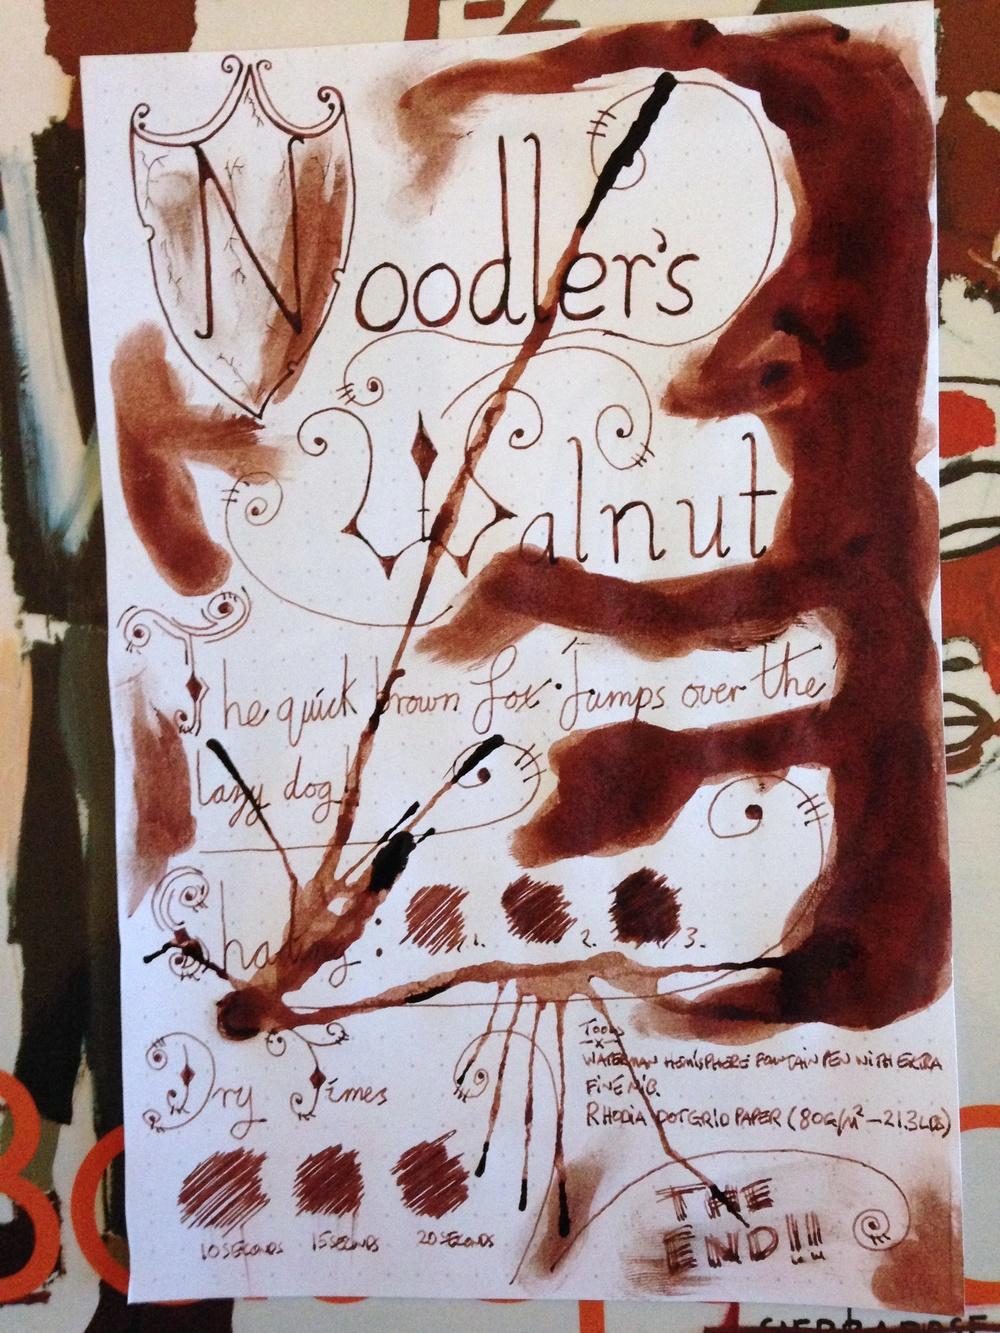 Noodler's Walnut